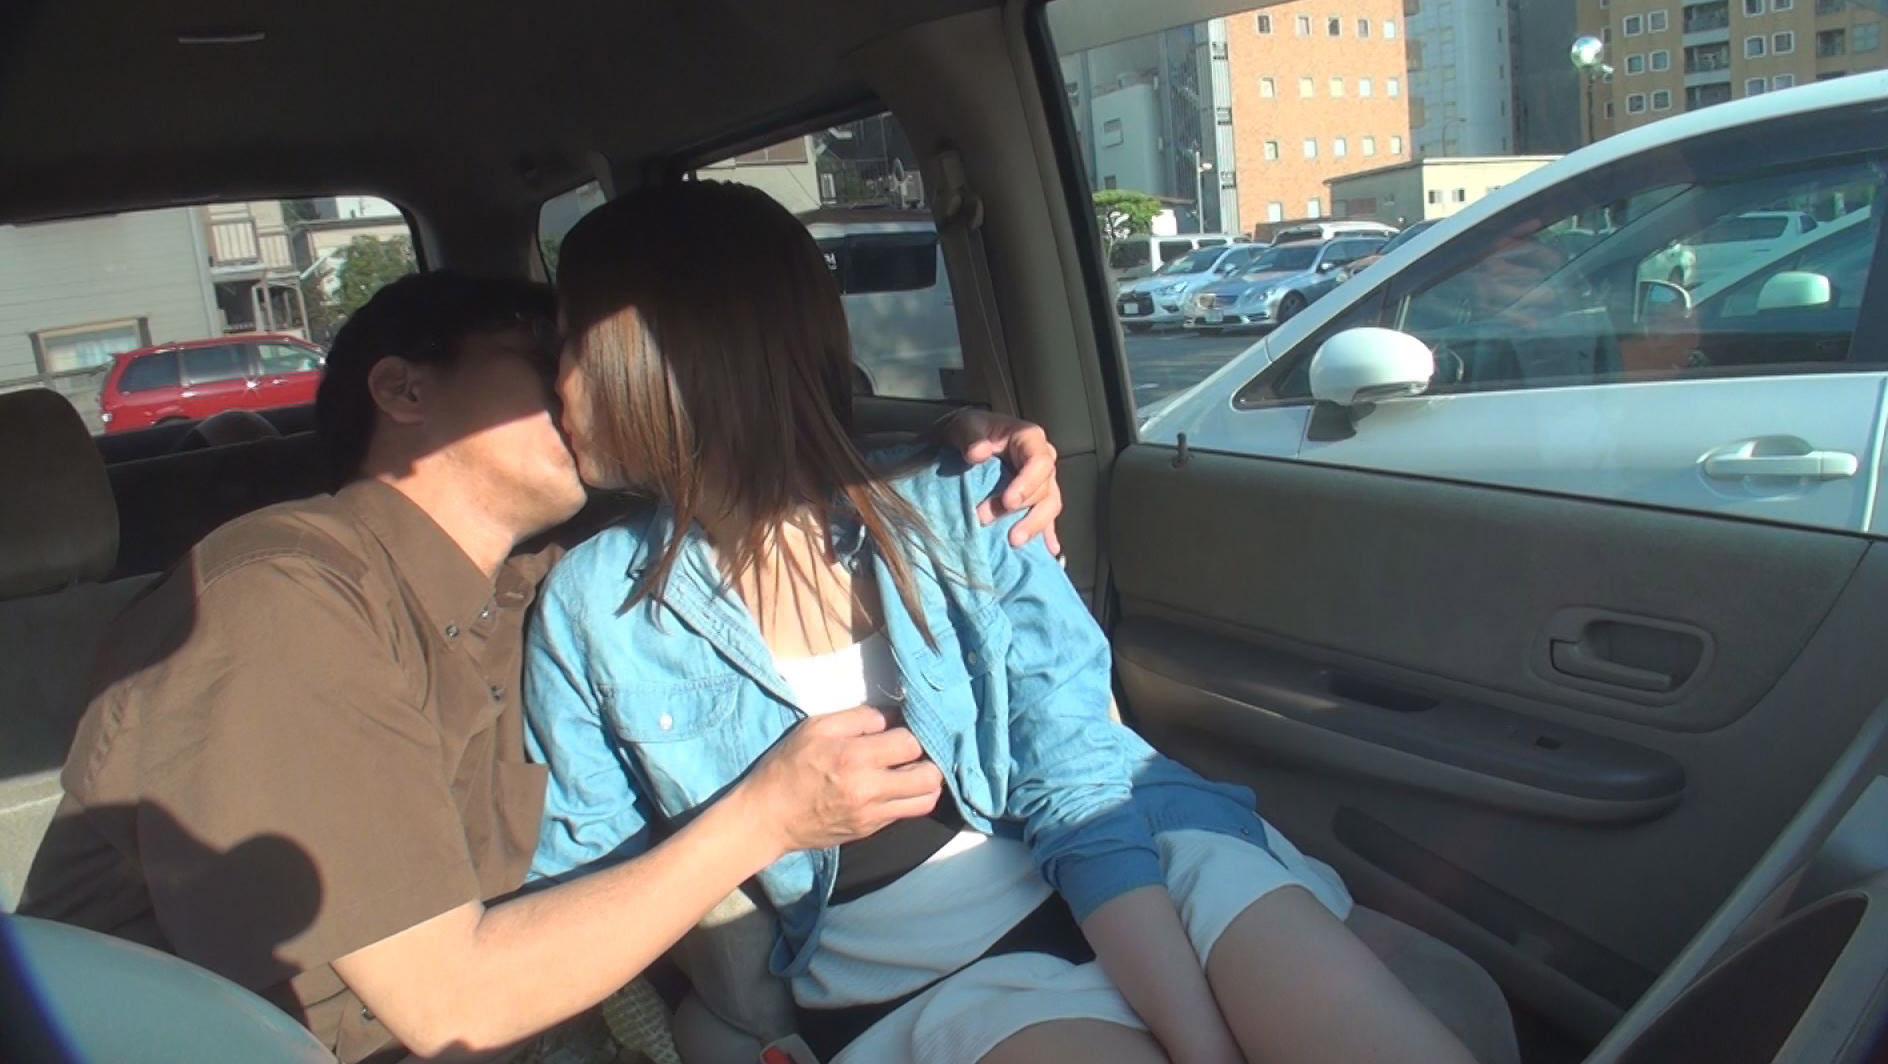 選りすぐりのドスケベ痴女を車にお届けします!スリルと興奮の出張車内ピンクサロン 11人4時間 画像10